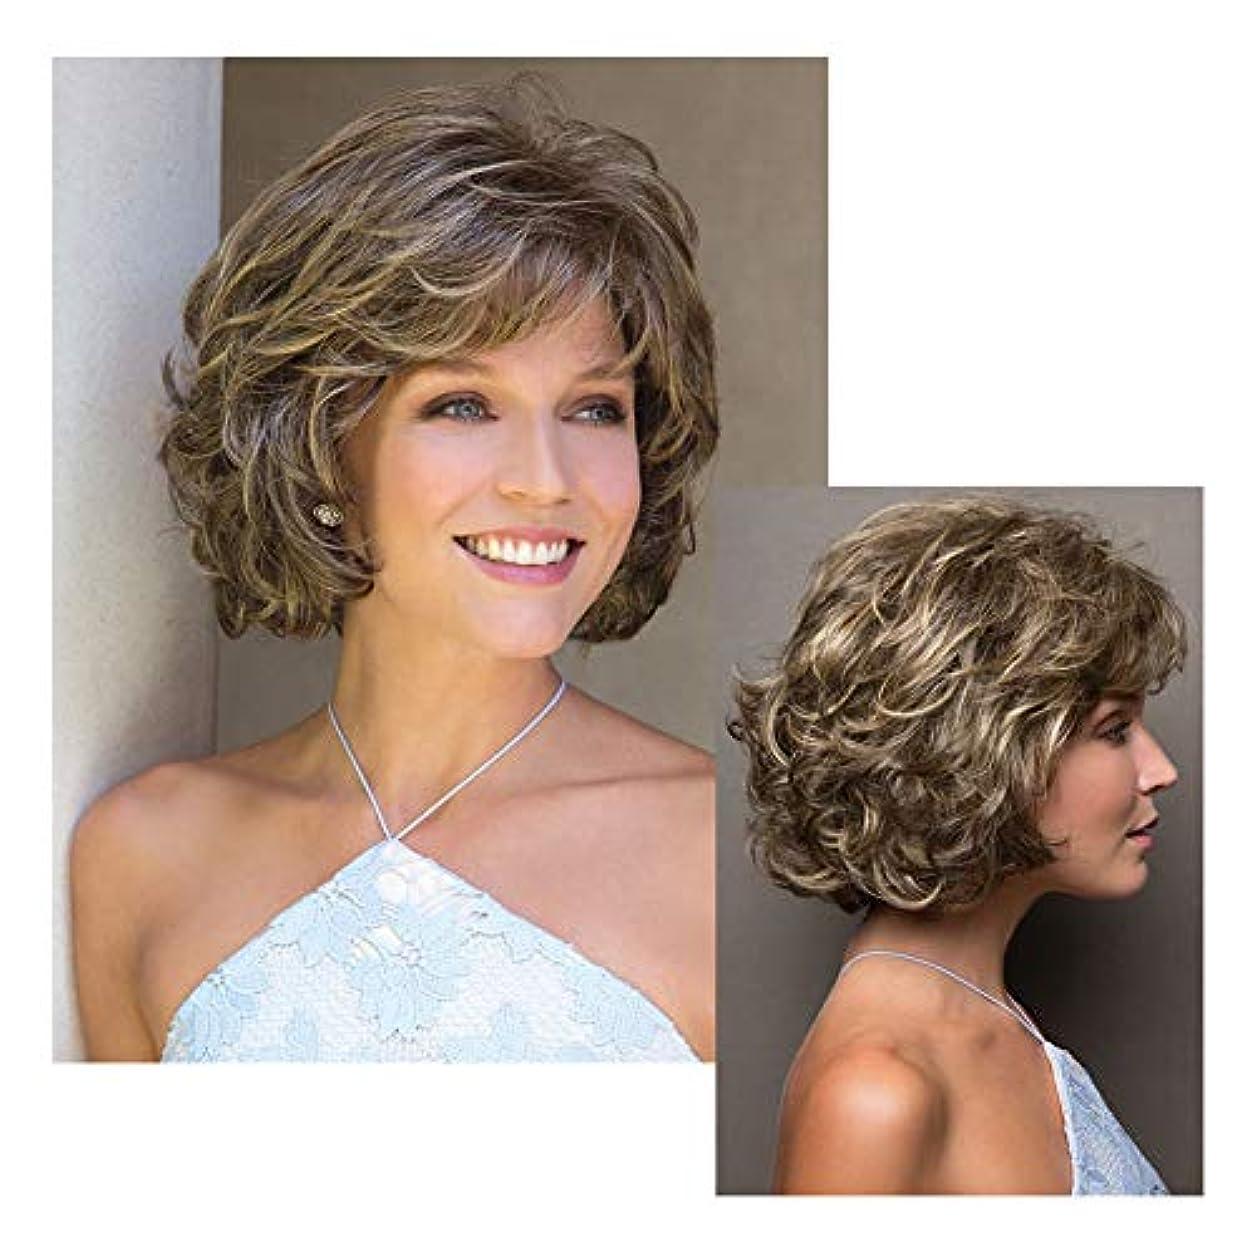 ペレグリネーション電気陽性ハプニング女性用フルウィッグ、10 ``自然な茶色がかった黄色の短い巻き毛の毎日のドレスコスプレパーティーヘアピース